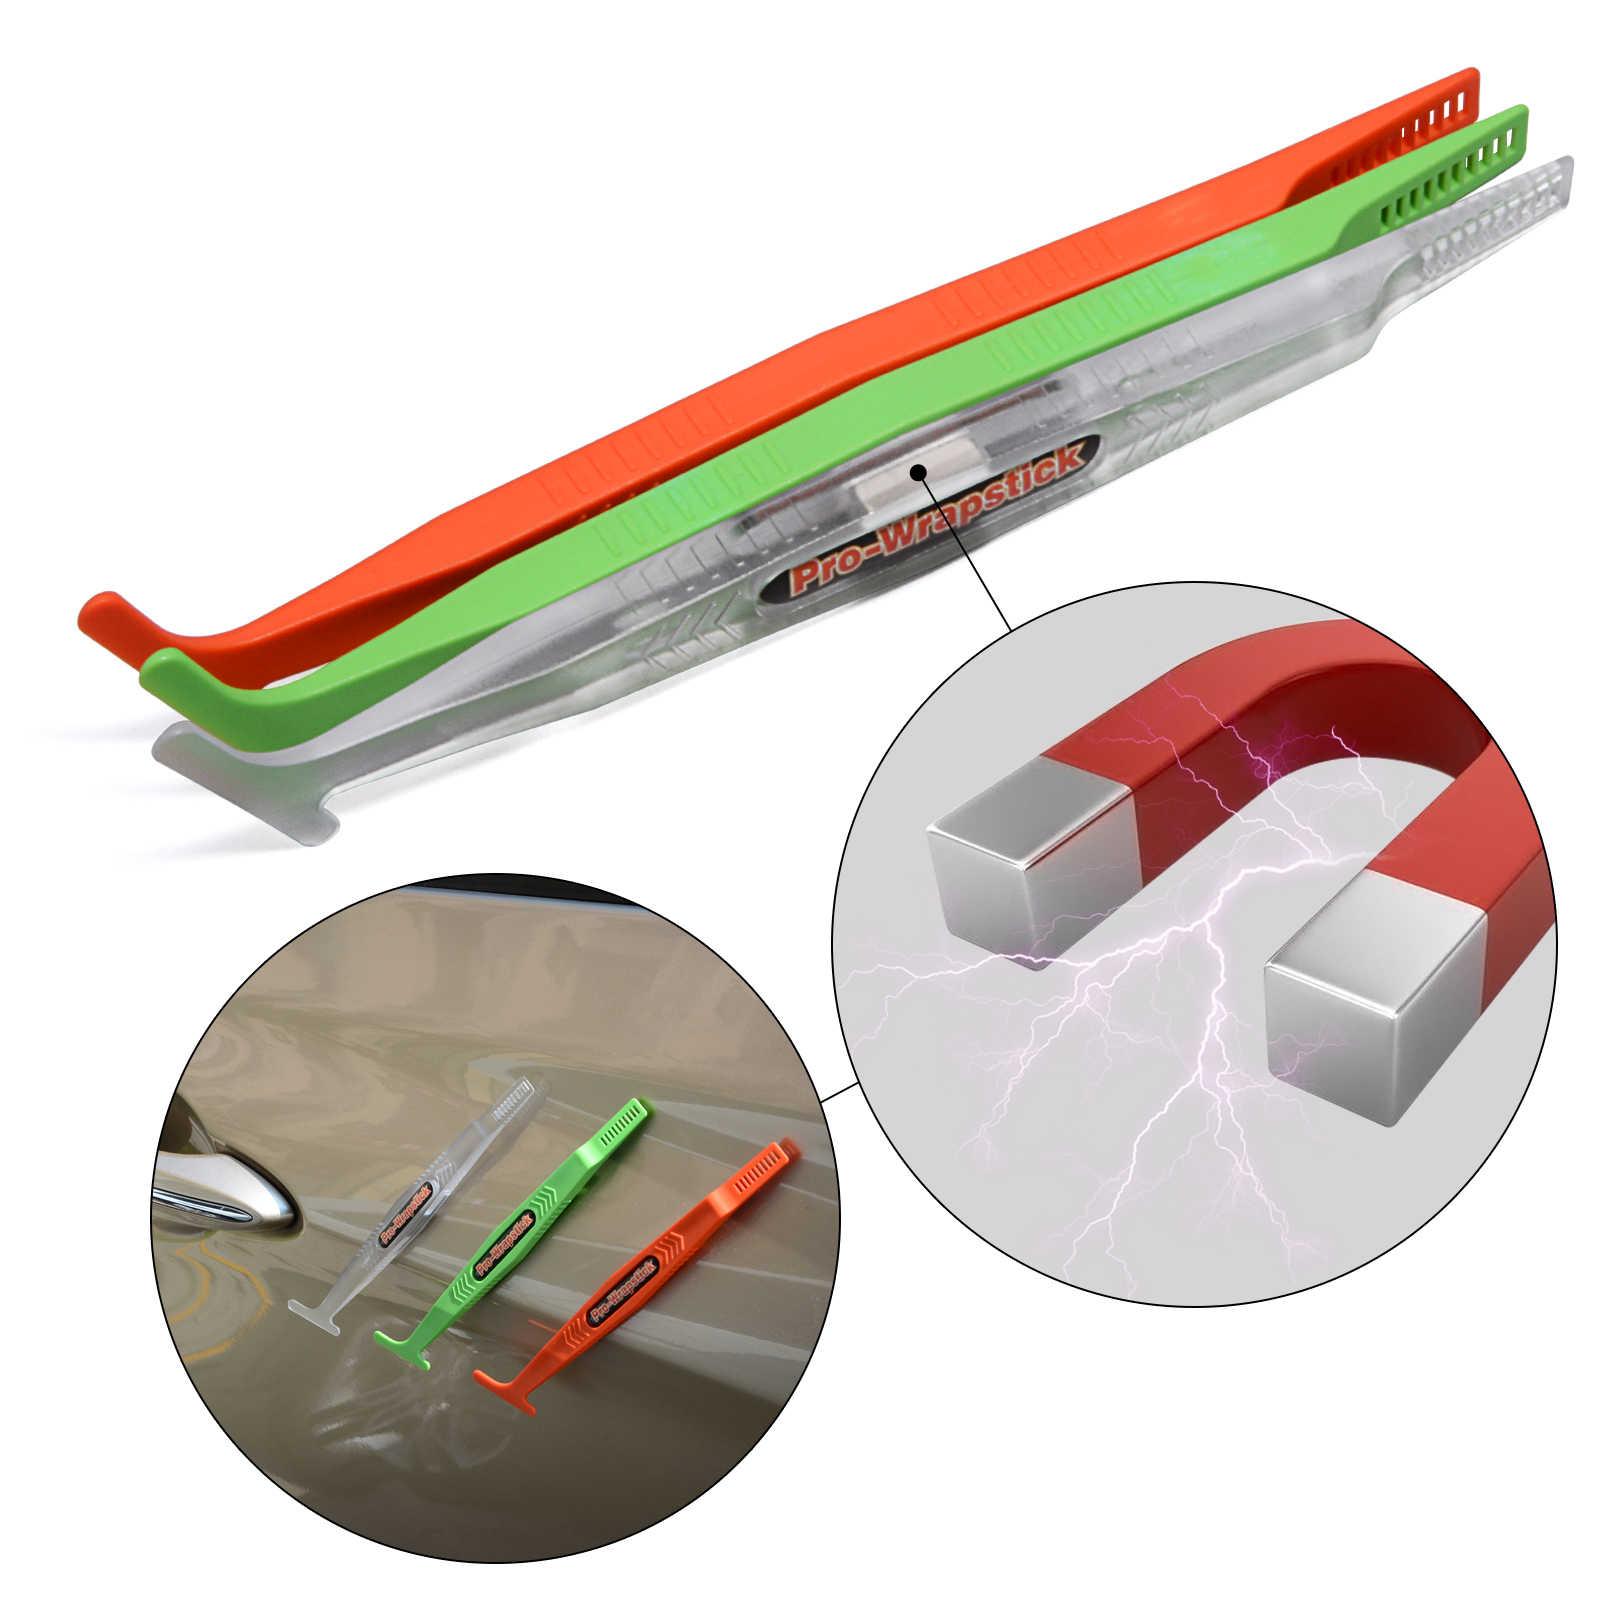 FOSHIO 3 adet manyetik Pro vinil şal sopa silecek kazıyıcı kiti karbon Fiber Sticker araba sarma folyo mikro mıknatıs tonu aracı